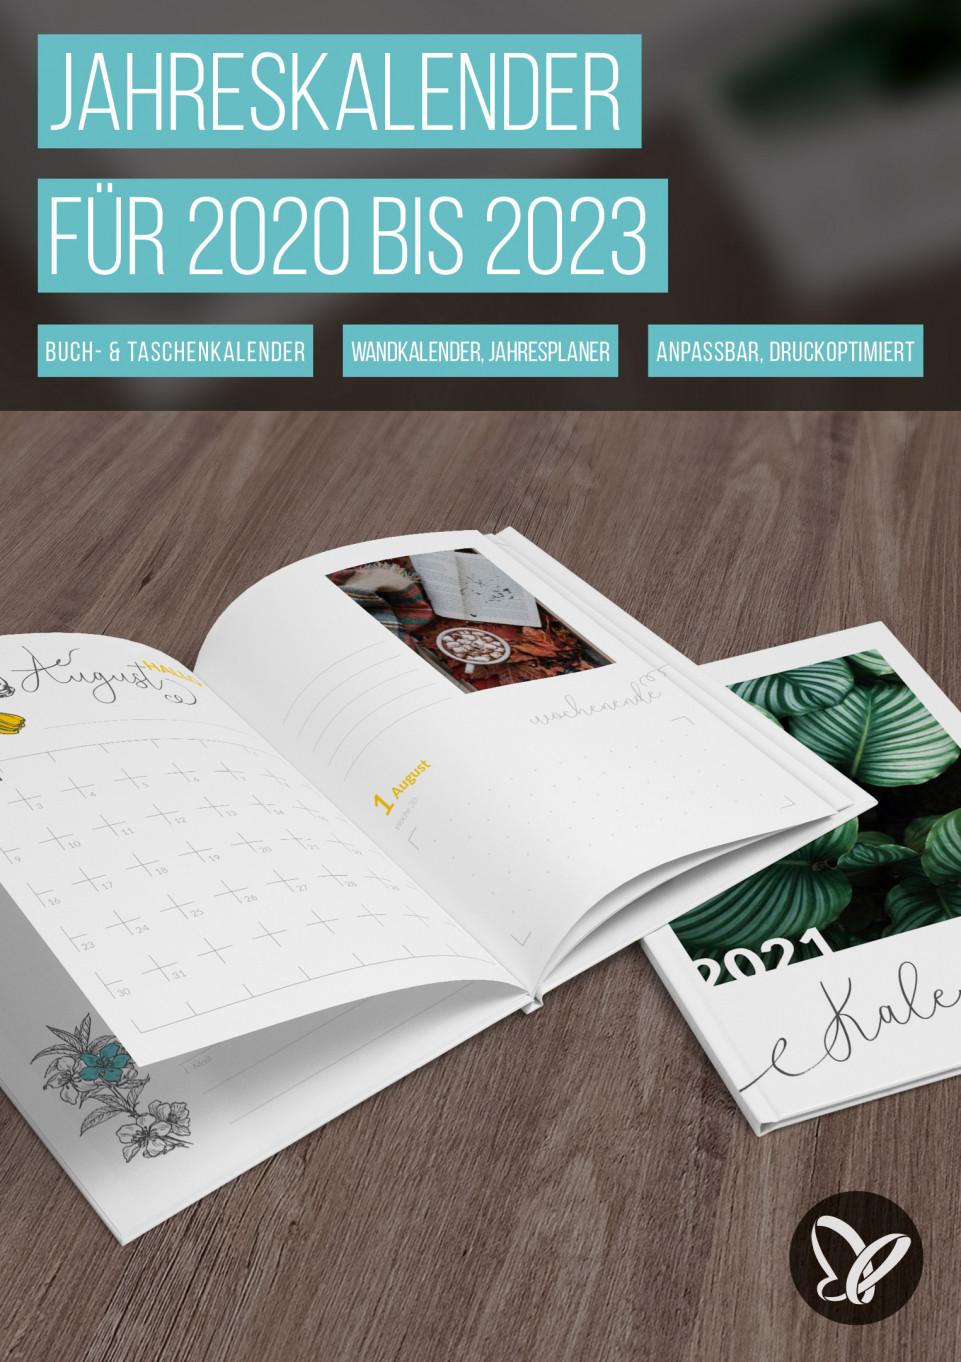 Jahreskalender 2020, 2021, 2022 und 2023 zum Ausdrucken